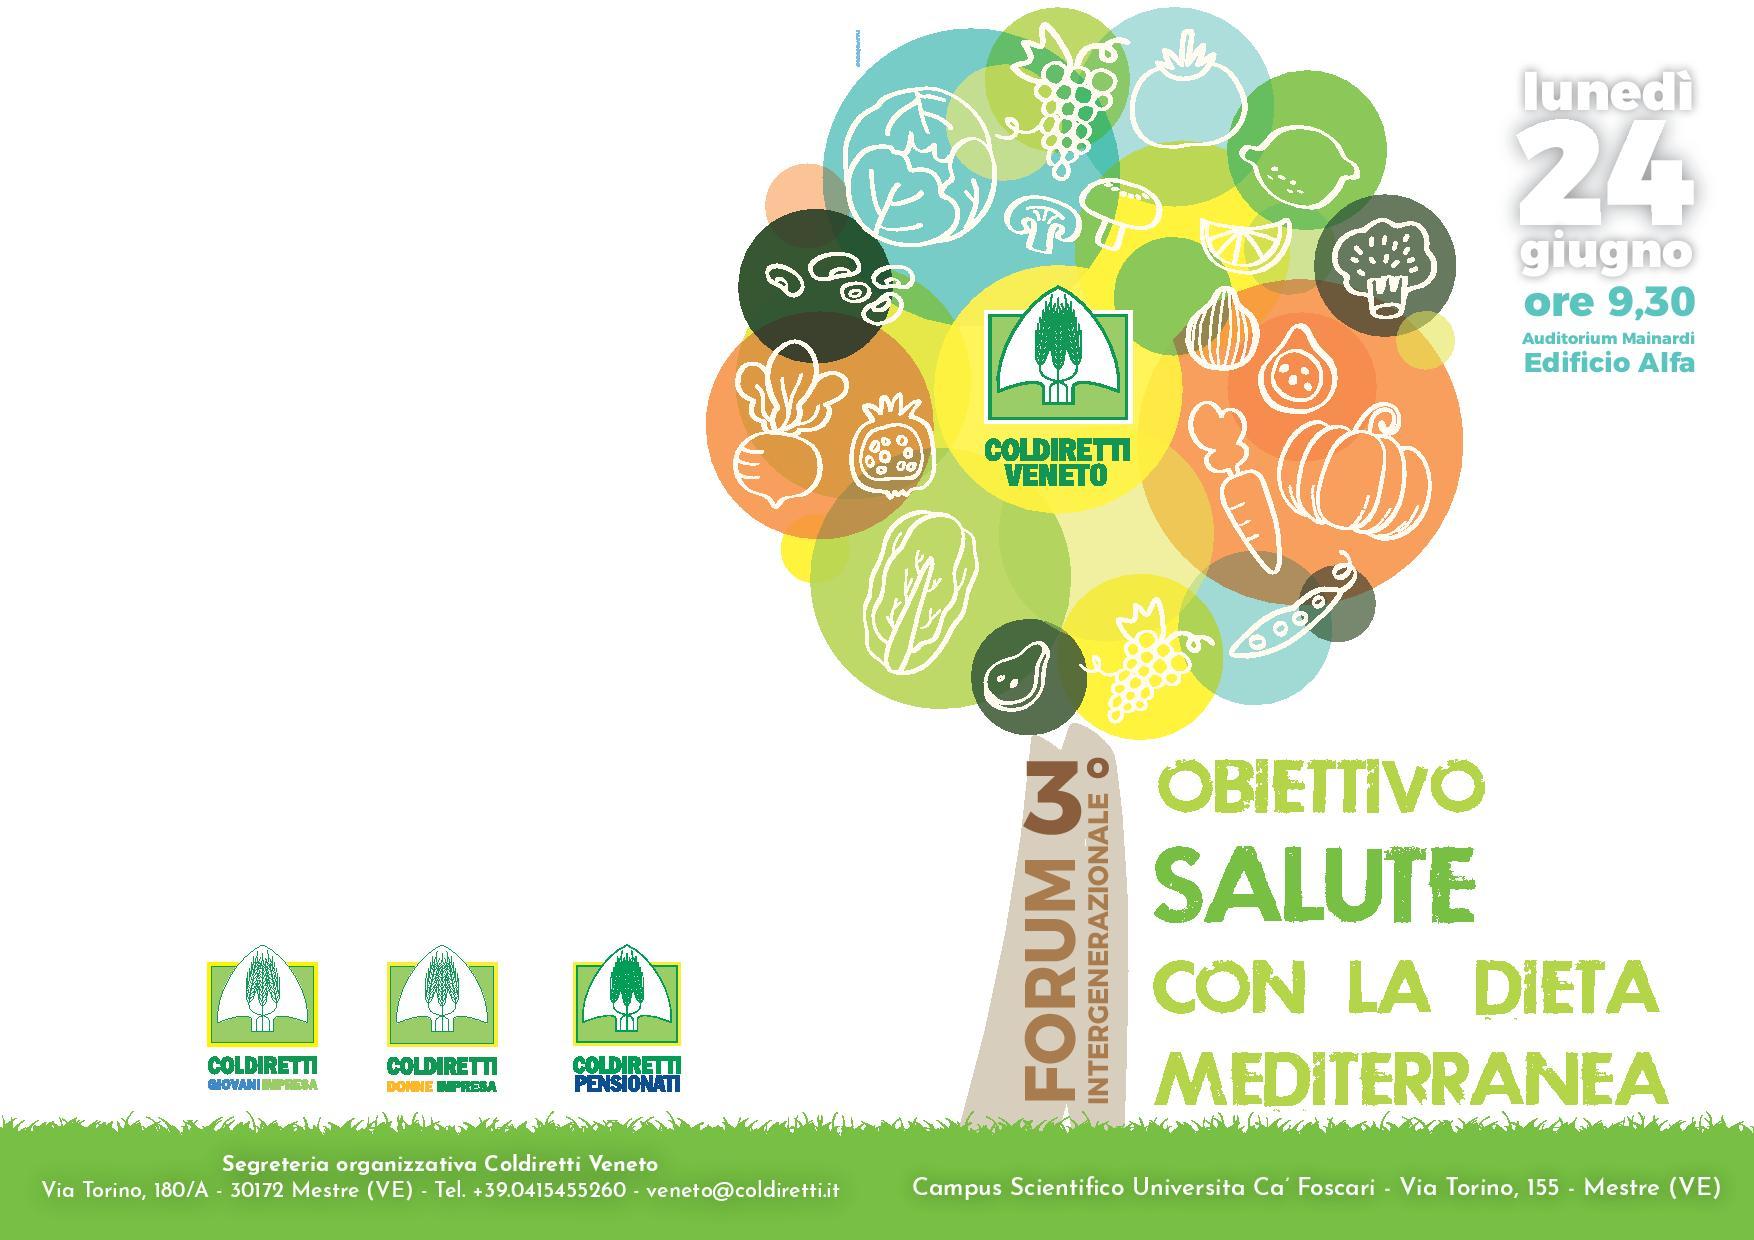 Obiettivo salute con la dieta mediterranea